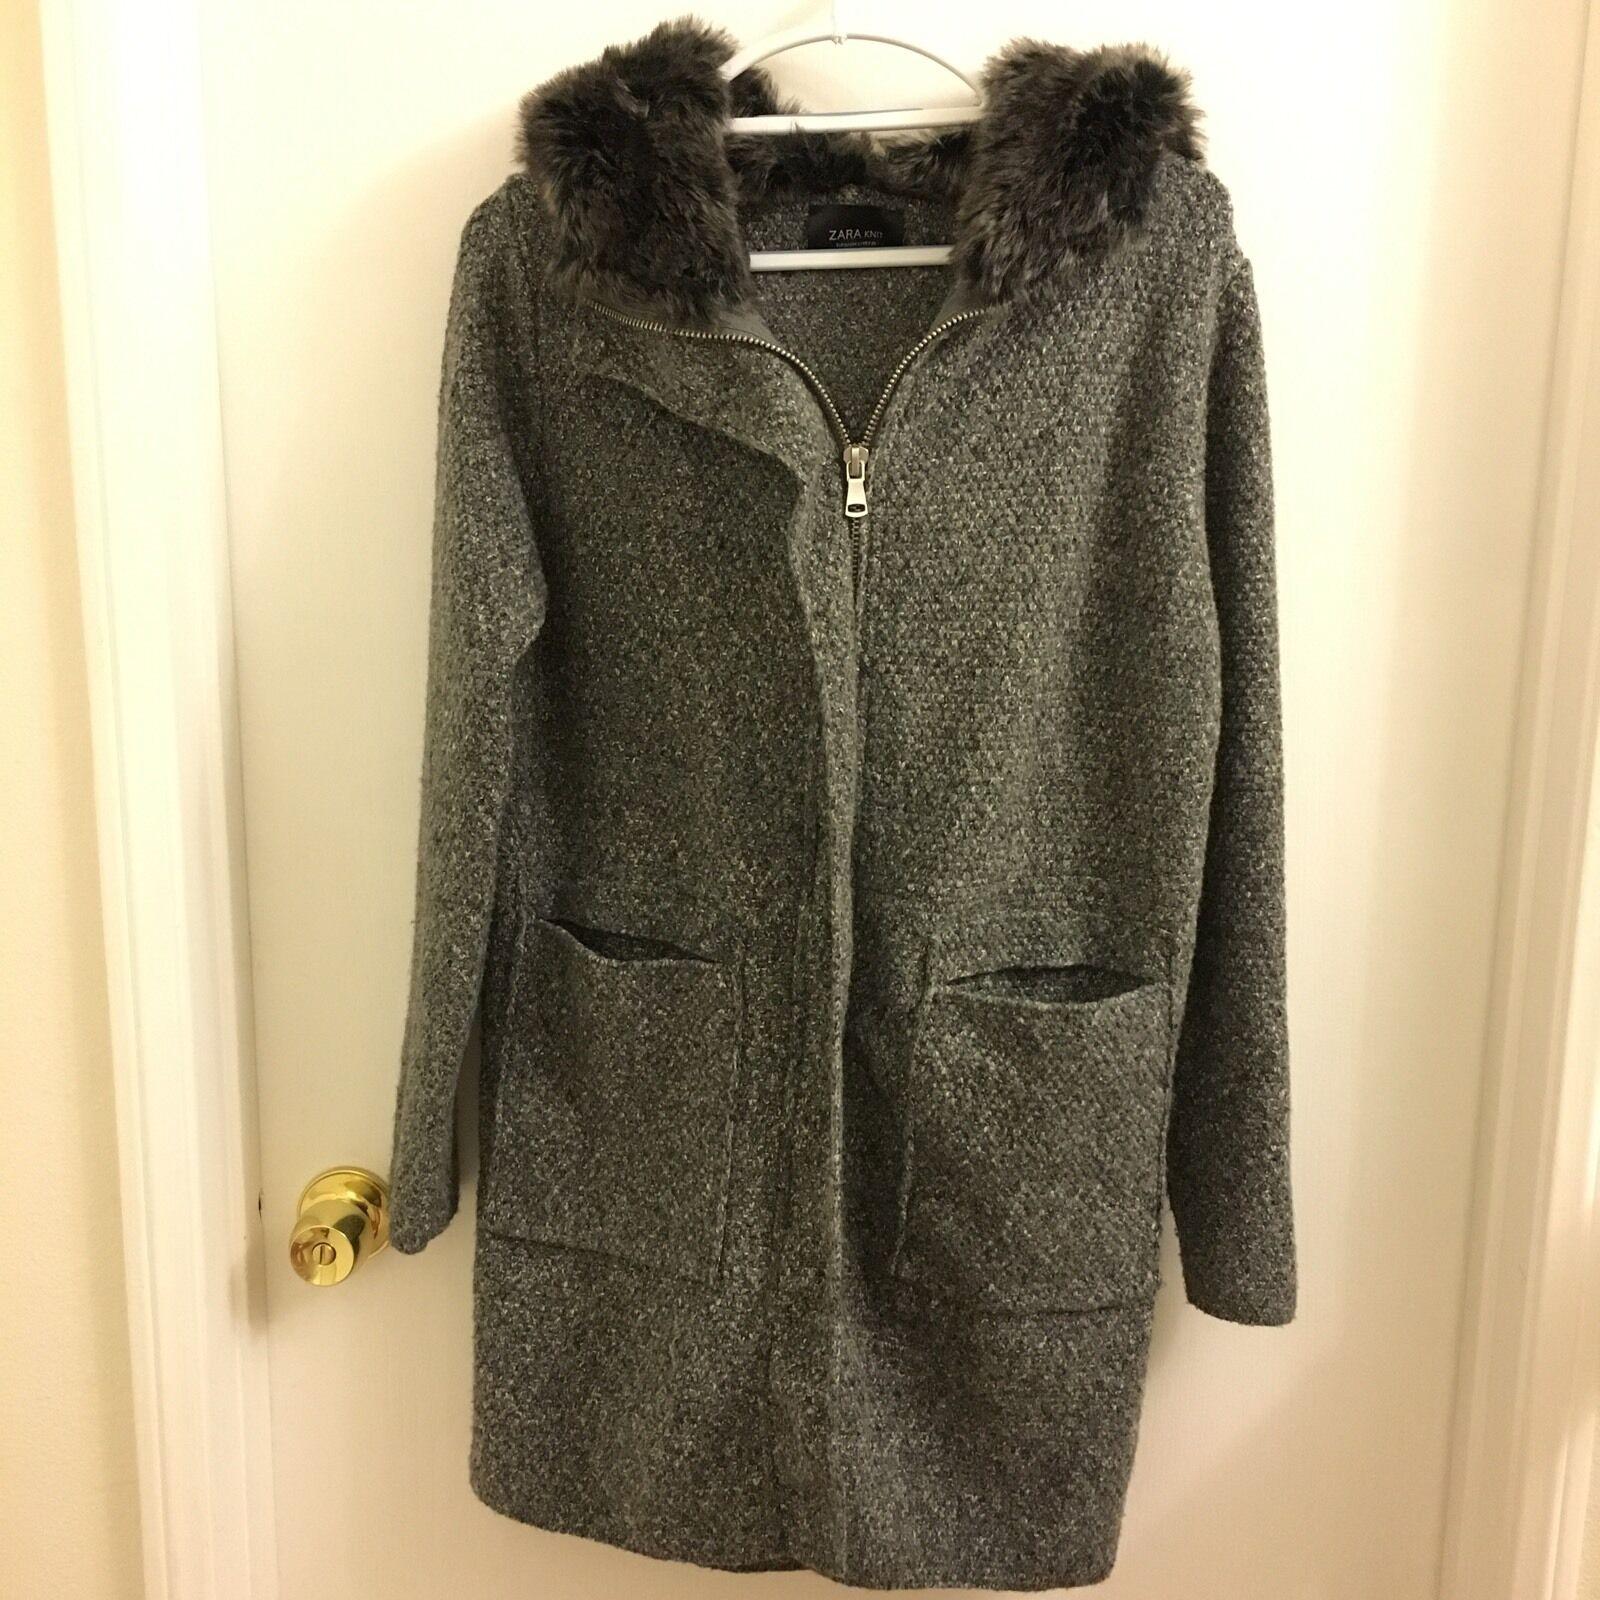 Zara Knit Sweater Coat Faux Fur Hood S